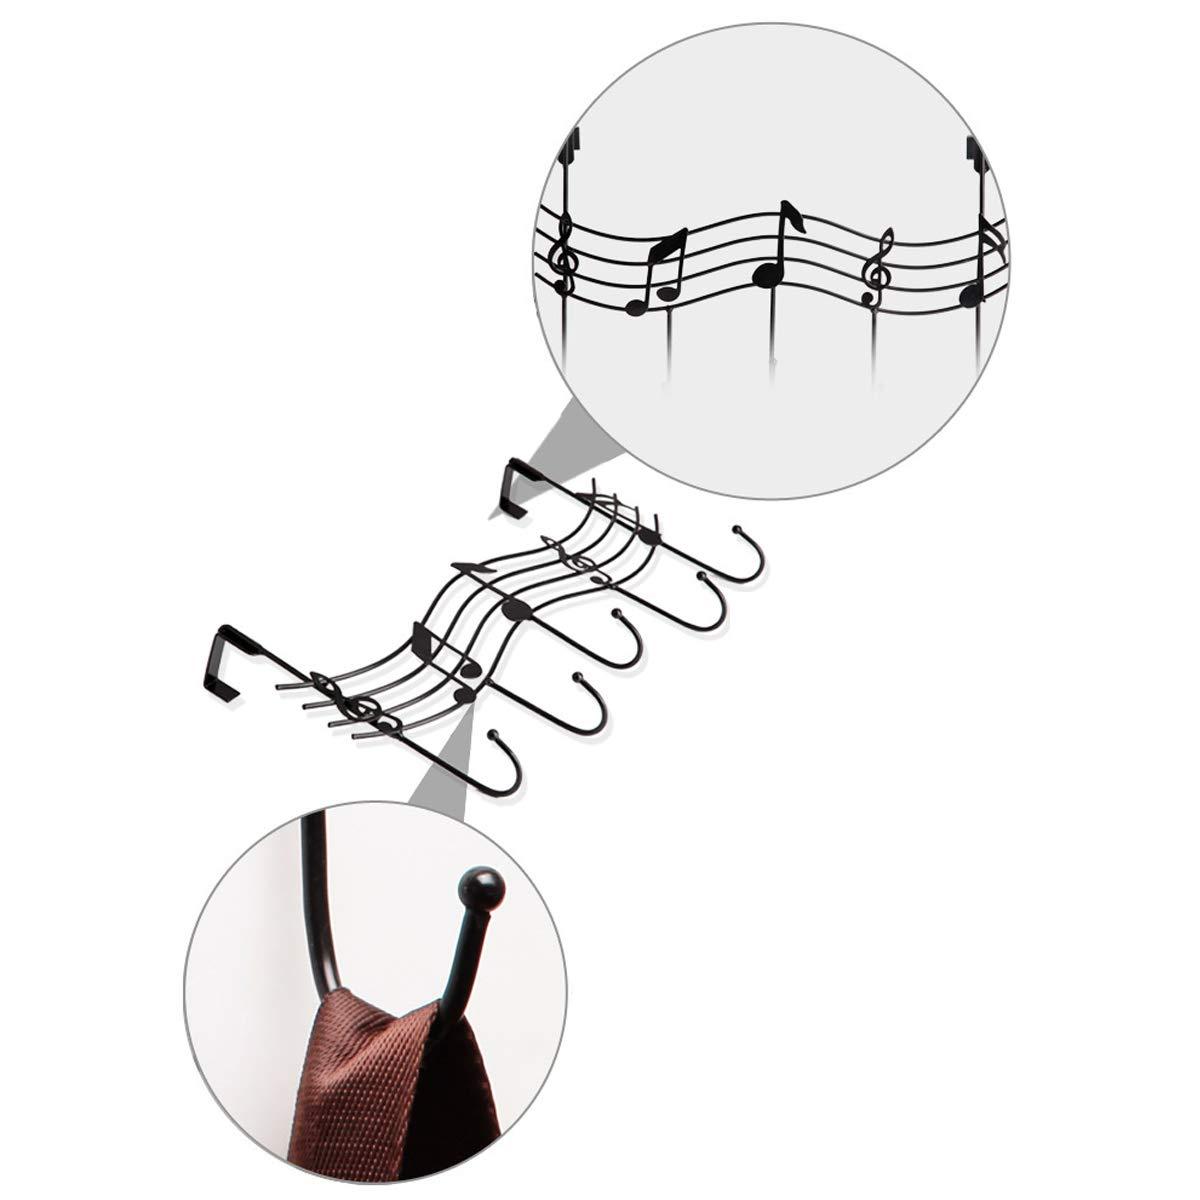 Musewanna Blanco sin Nariz Perchero de Hierro Forjado para Puerta de Instrumento Musical detr/ás del Gancho